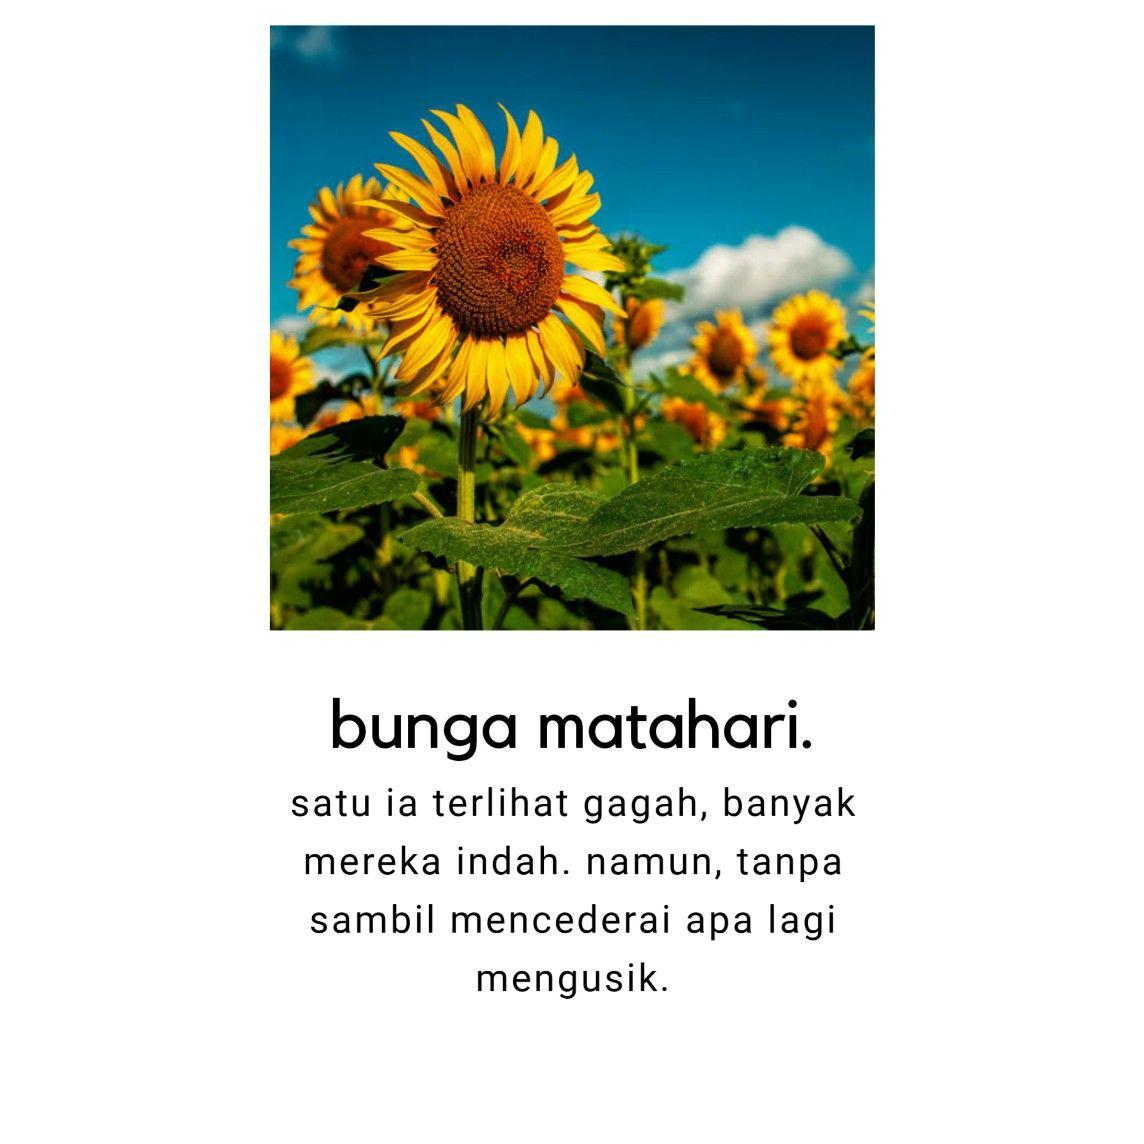 kata kata gombal tentang bunga matahari